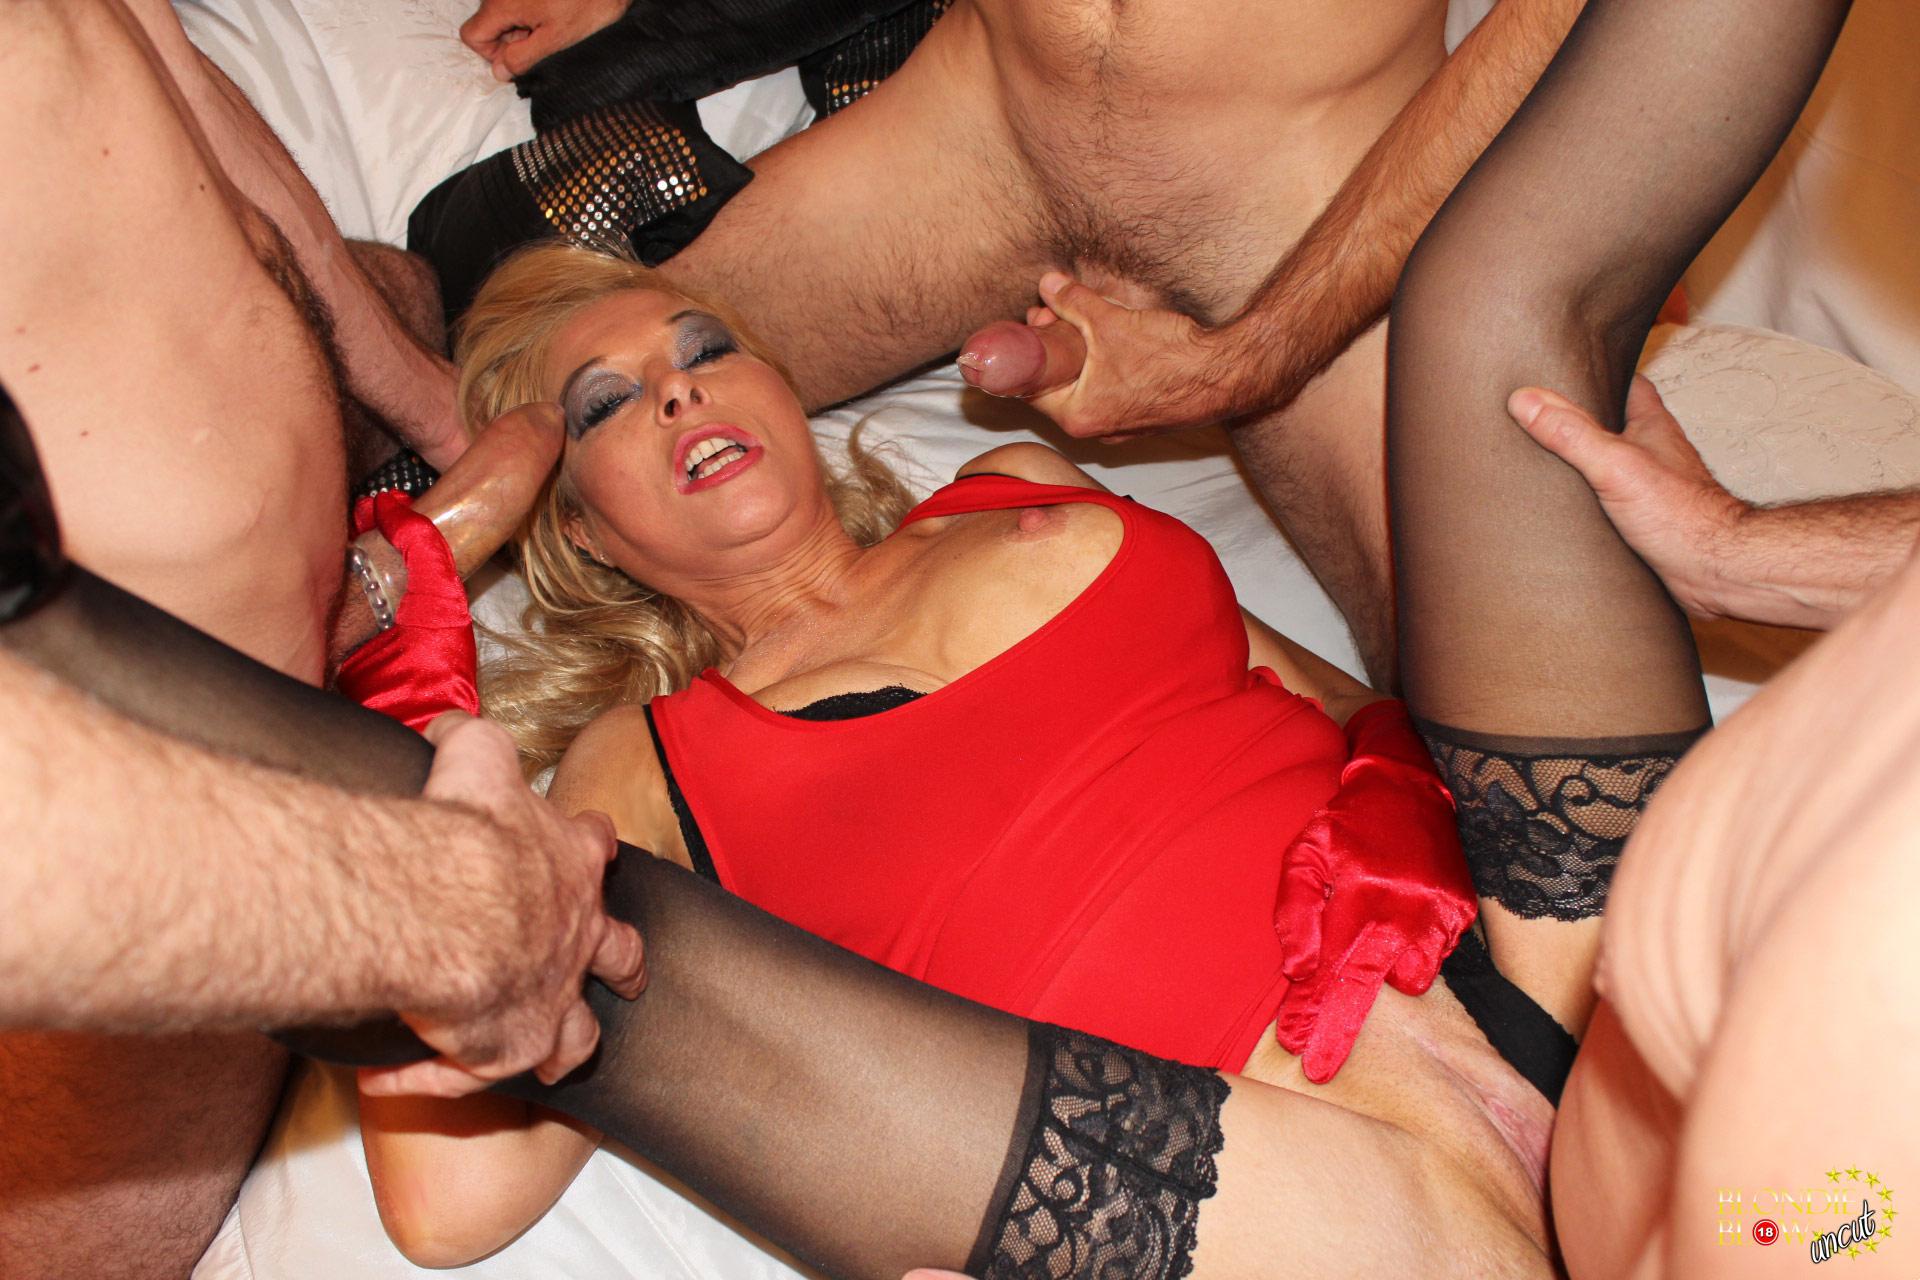 Blondie Blow Uncut Horny Blondie Organises An Orgy From The